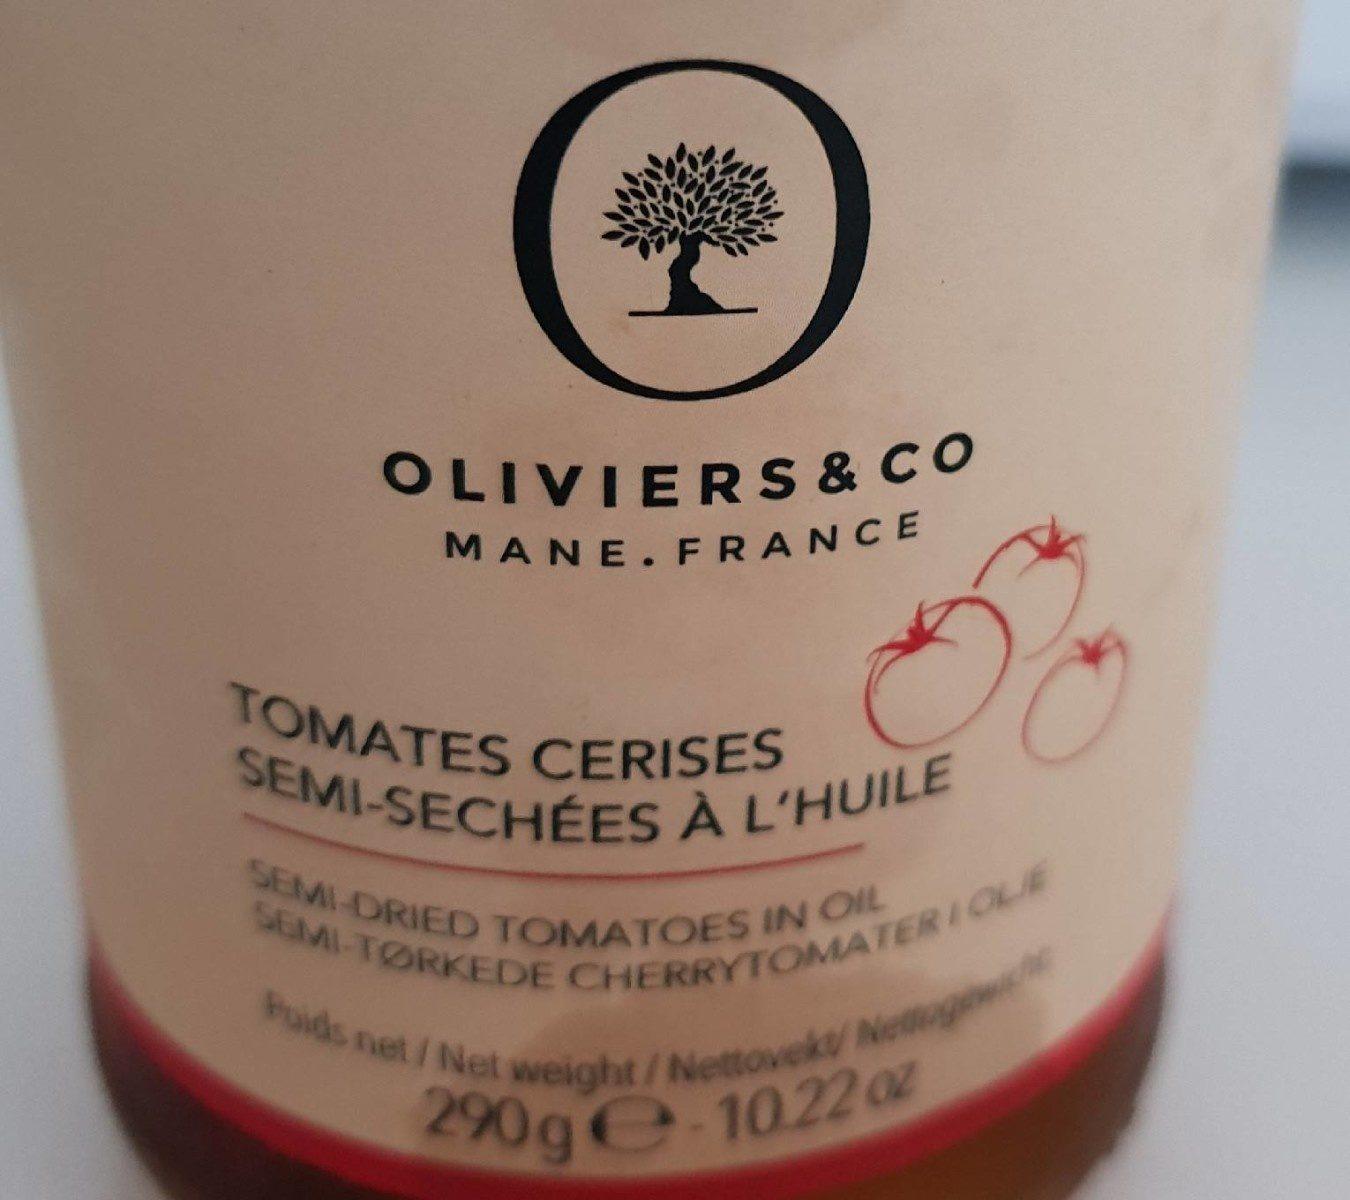 Tomates cerises semi-séchées à l'huile - Product